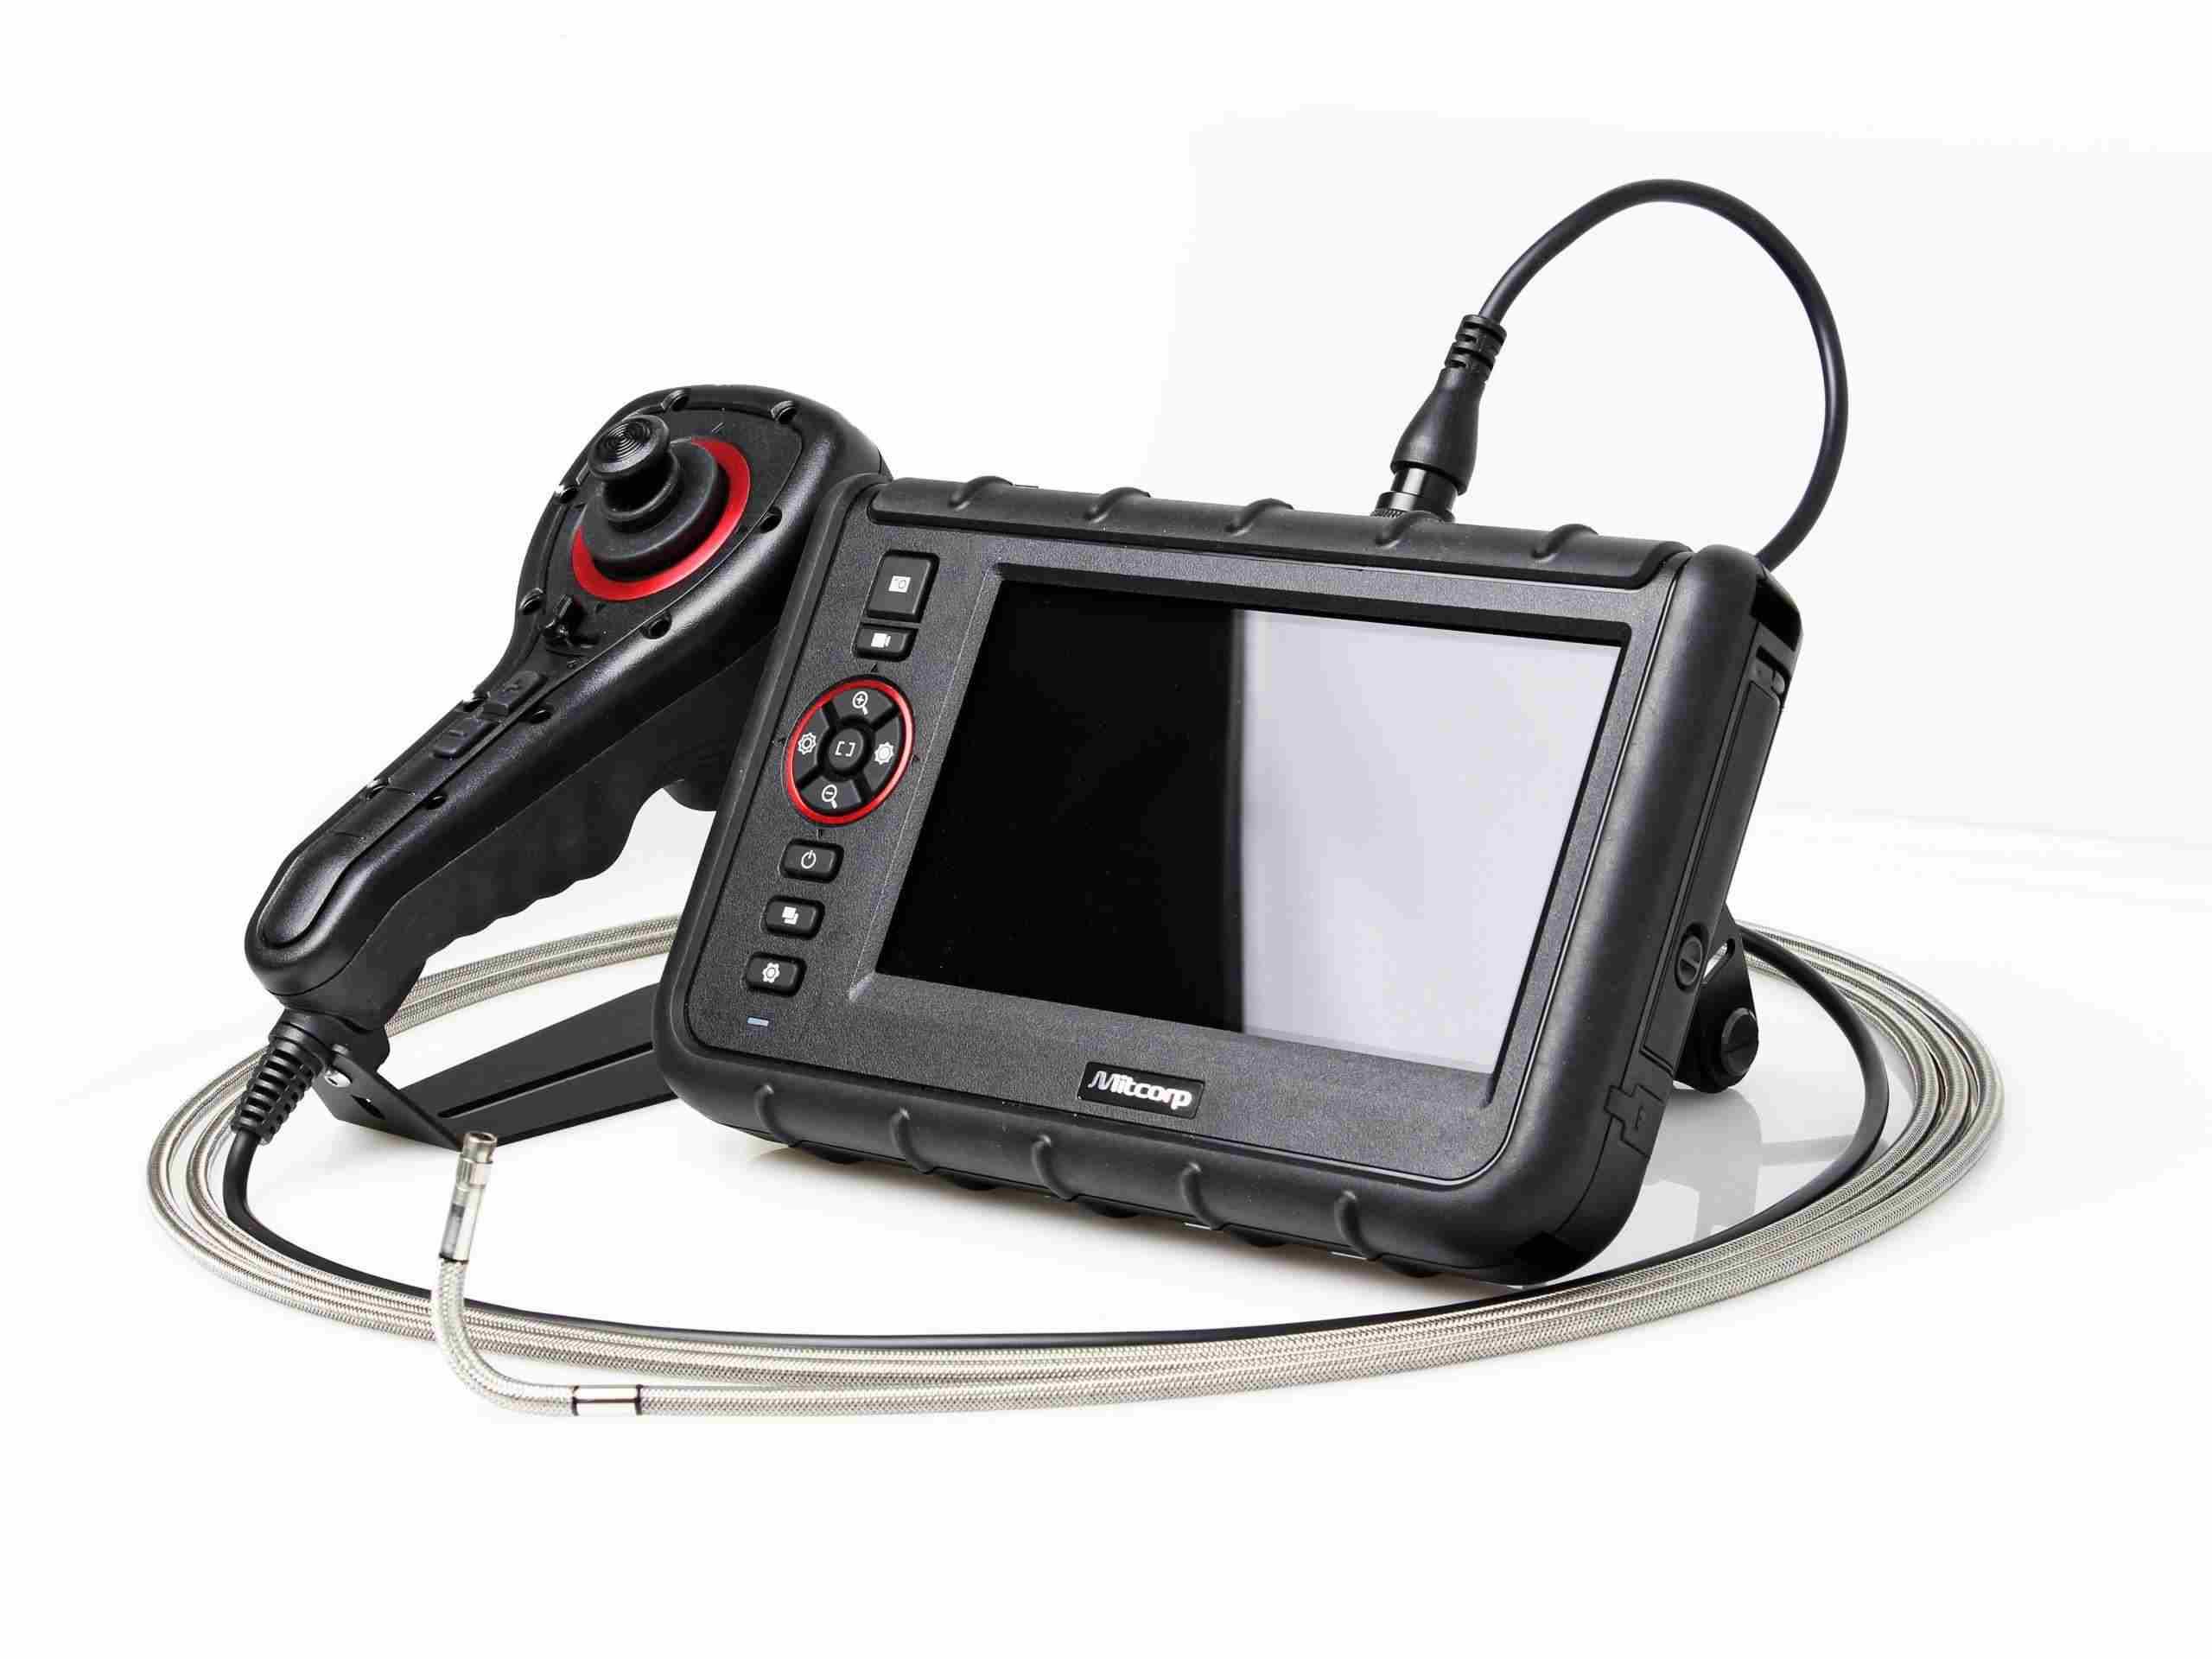 lubtec videoscopio equipo especializado